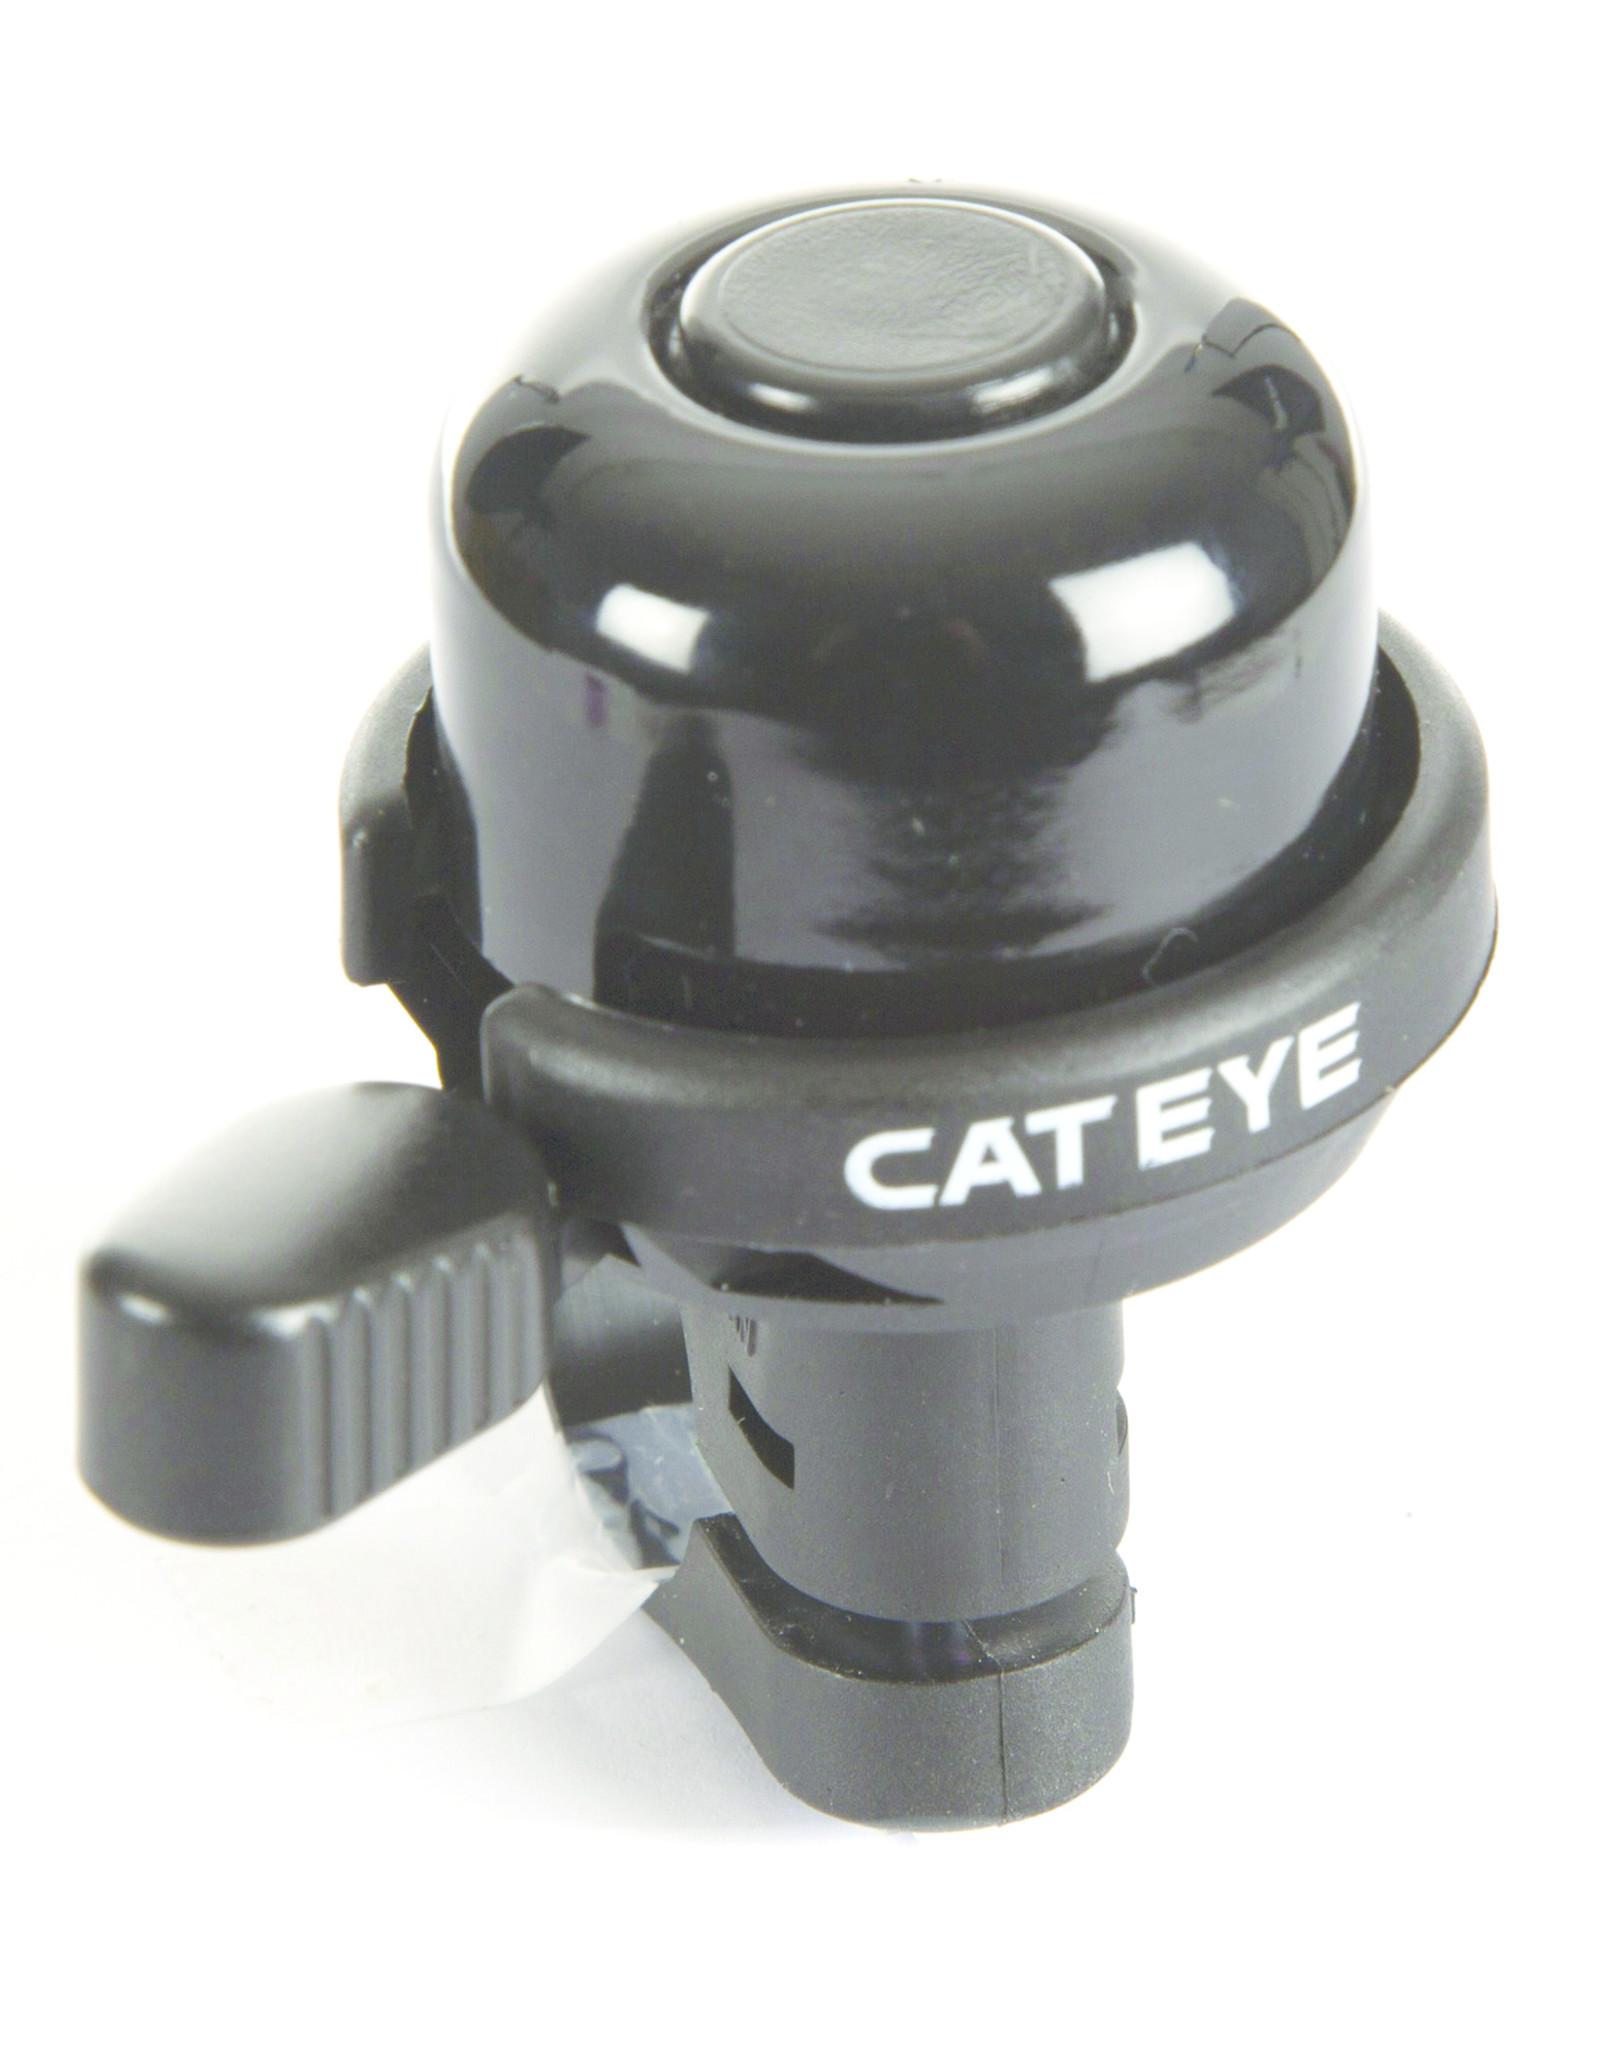 Cat Eye CatEye, Wind PB-1000, Clochette, Noir